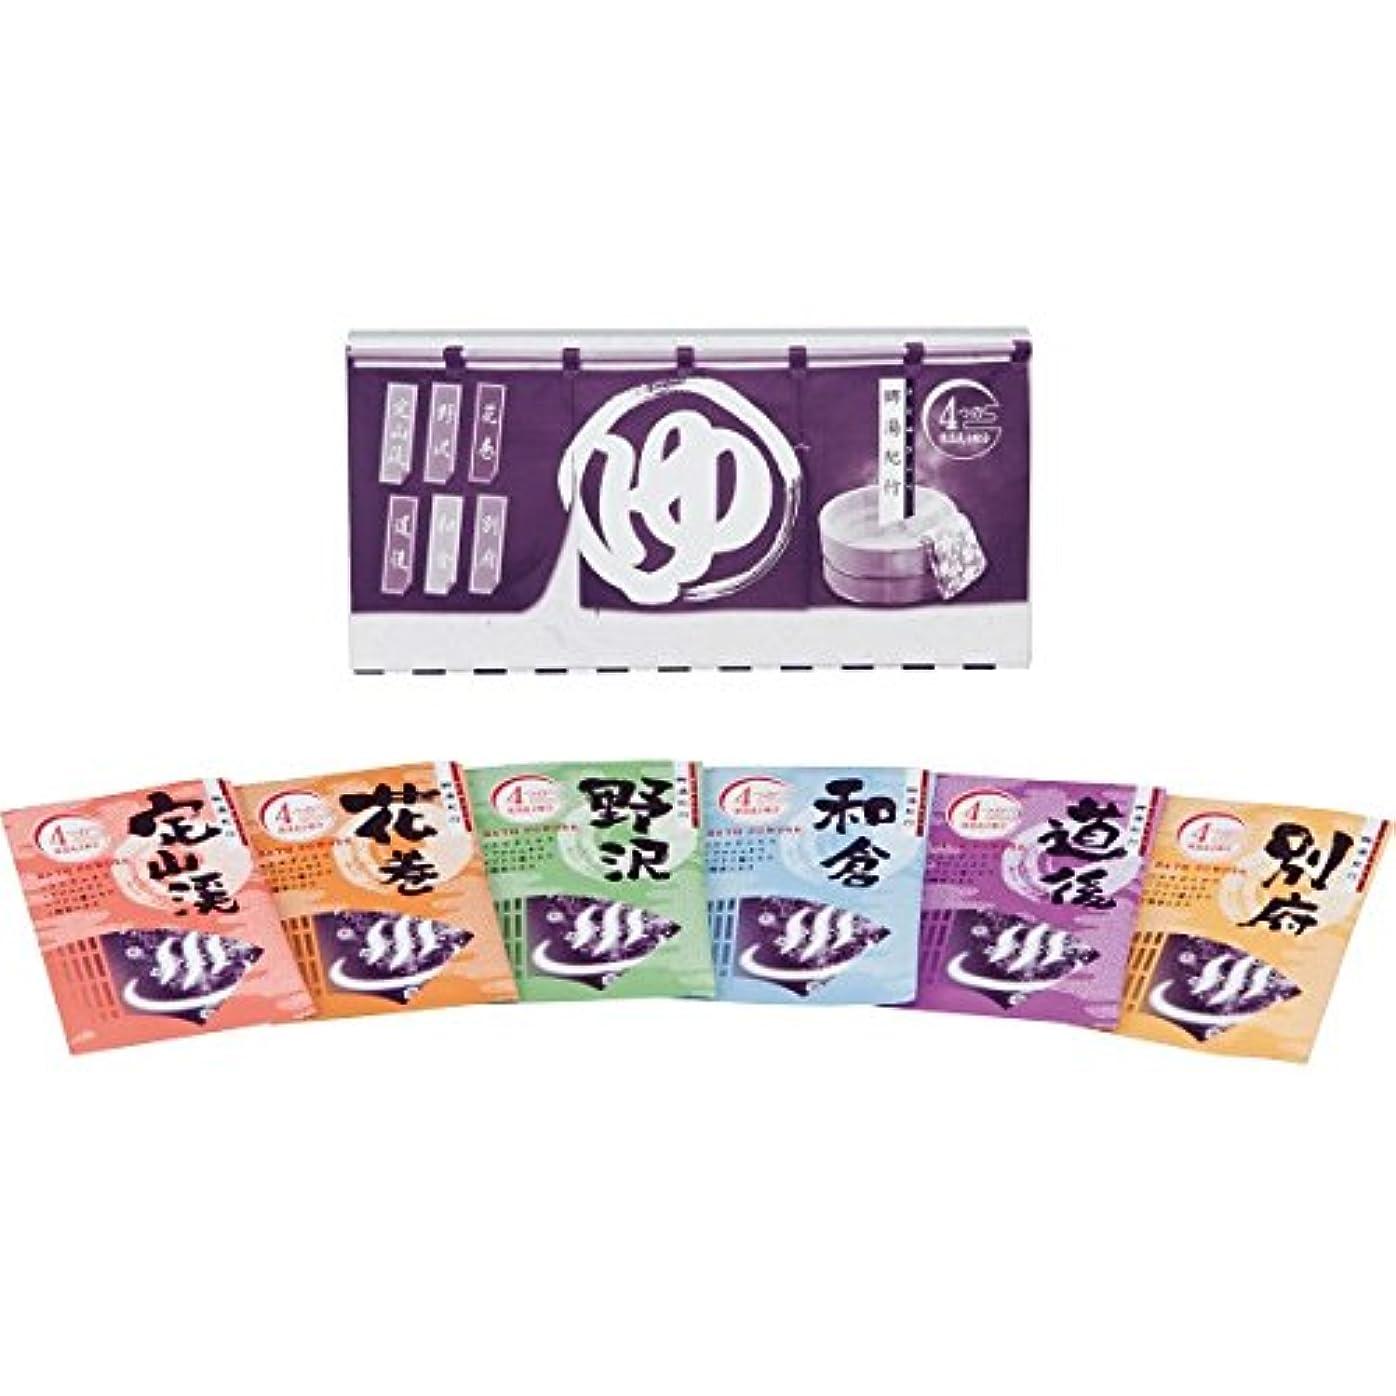 パスファントムフラップ薬用入浴剤 郷湯紀行(6包入) 6SS506